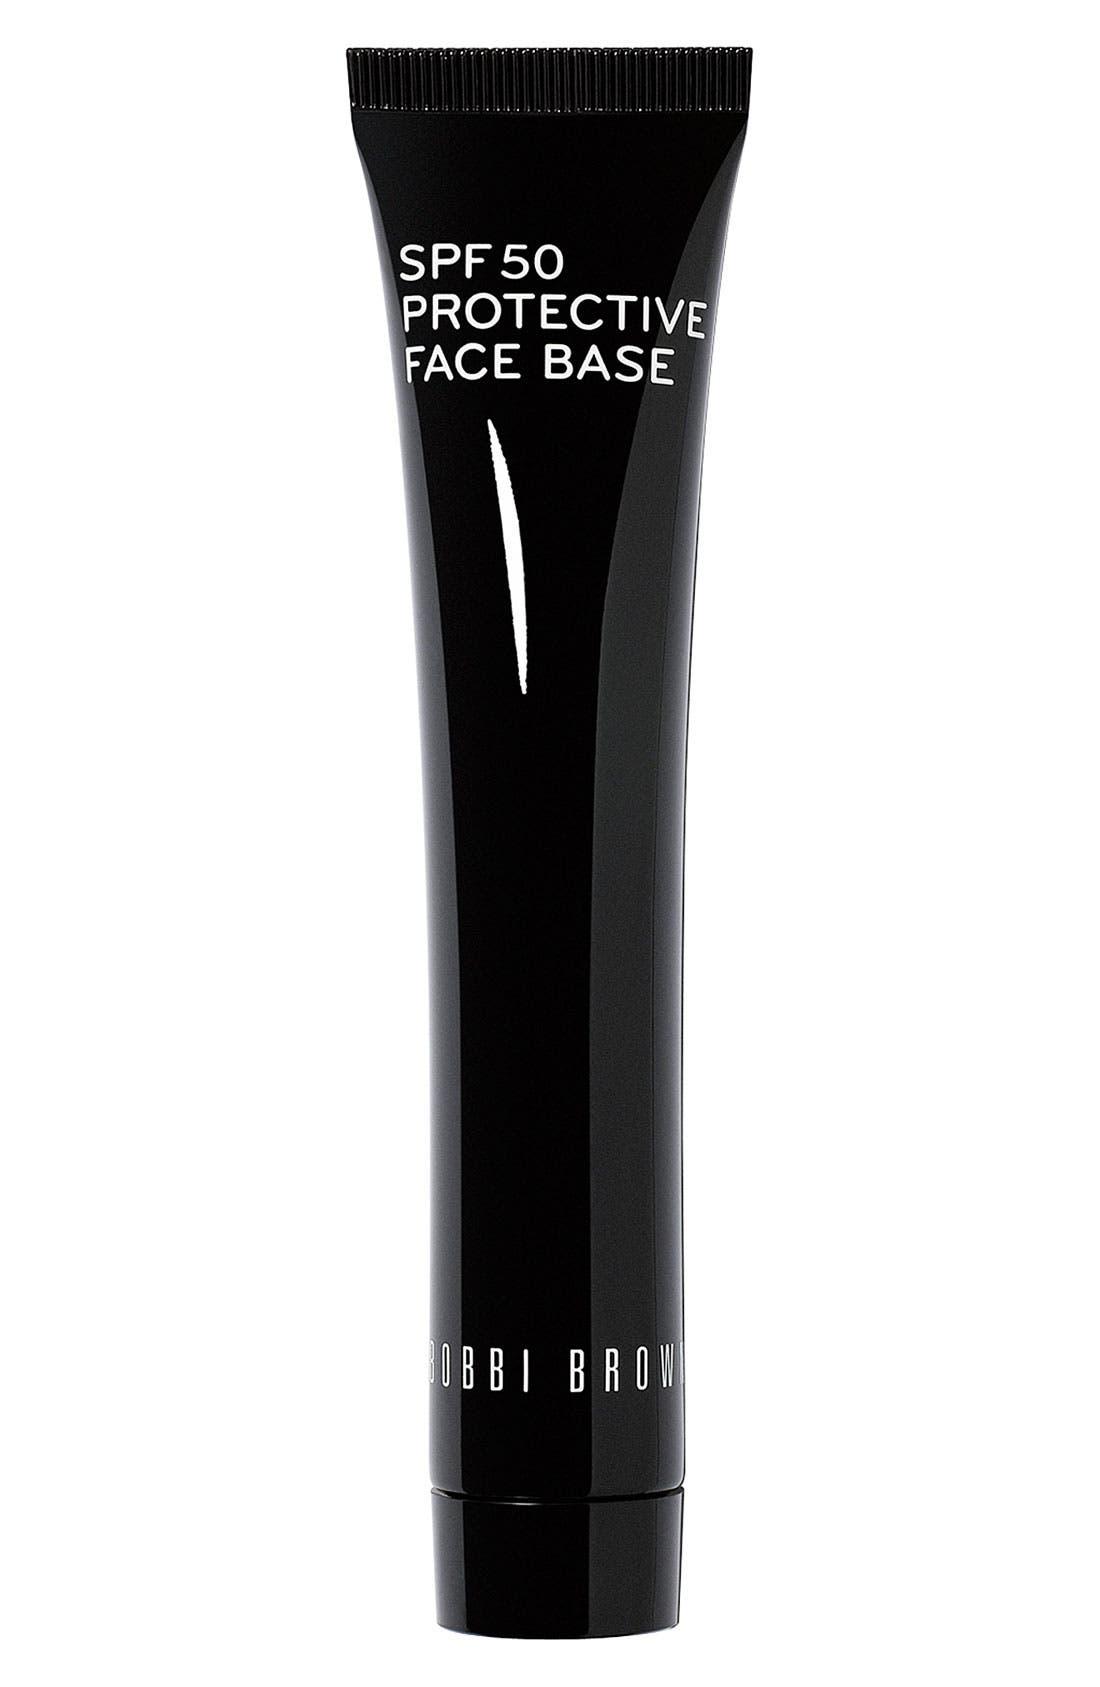 Bobbi Brown Protective Face Base SPF 50